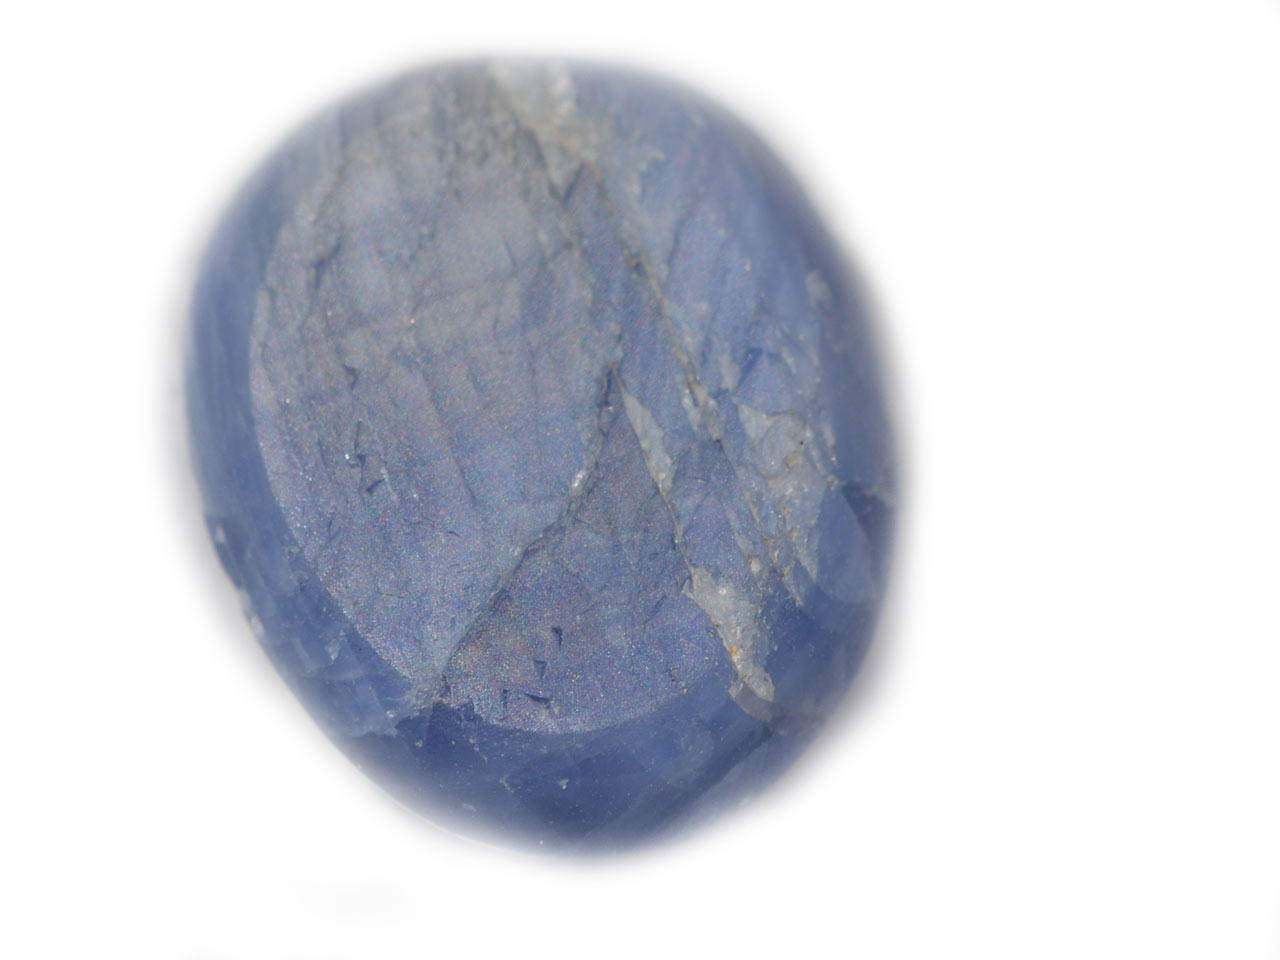 Burma Blue Star Sapphire - 12.12 Cts - 14.4x11.7x6.4mm